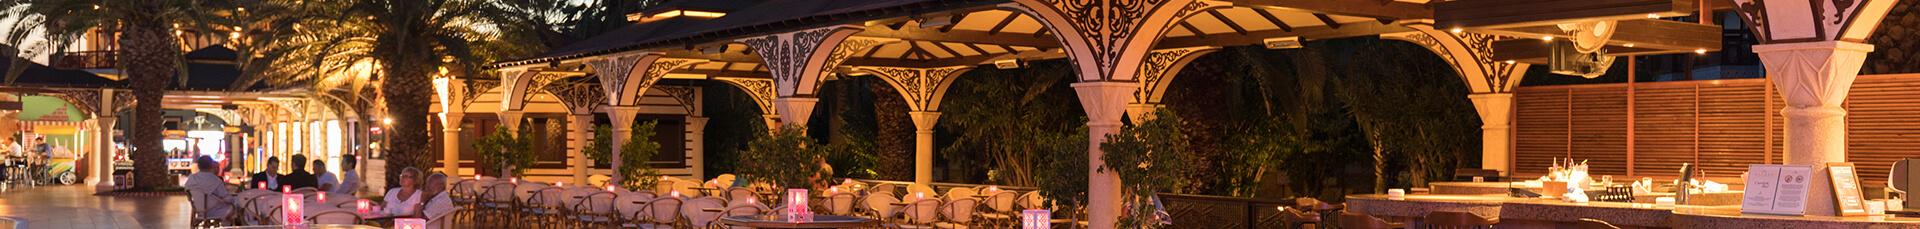 Ali Bey Park Manavgat - Harlek Bar